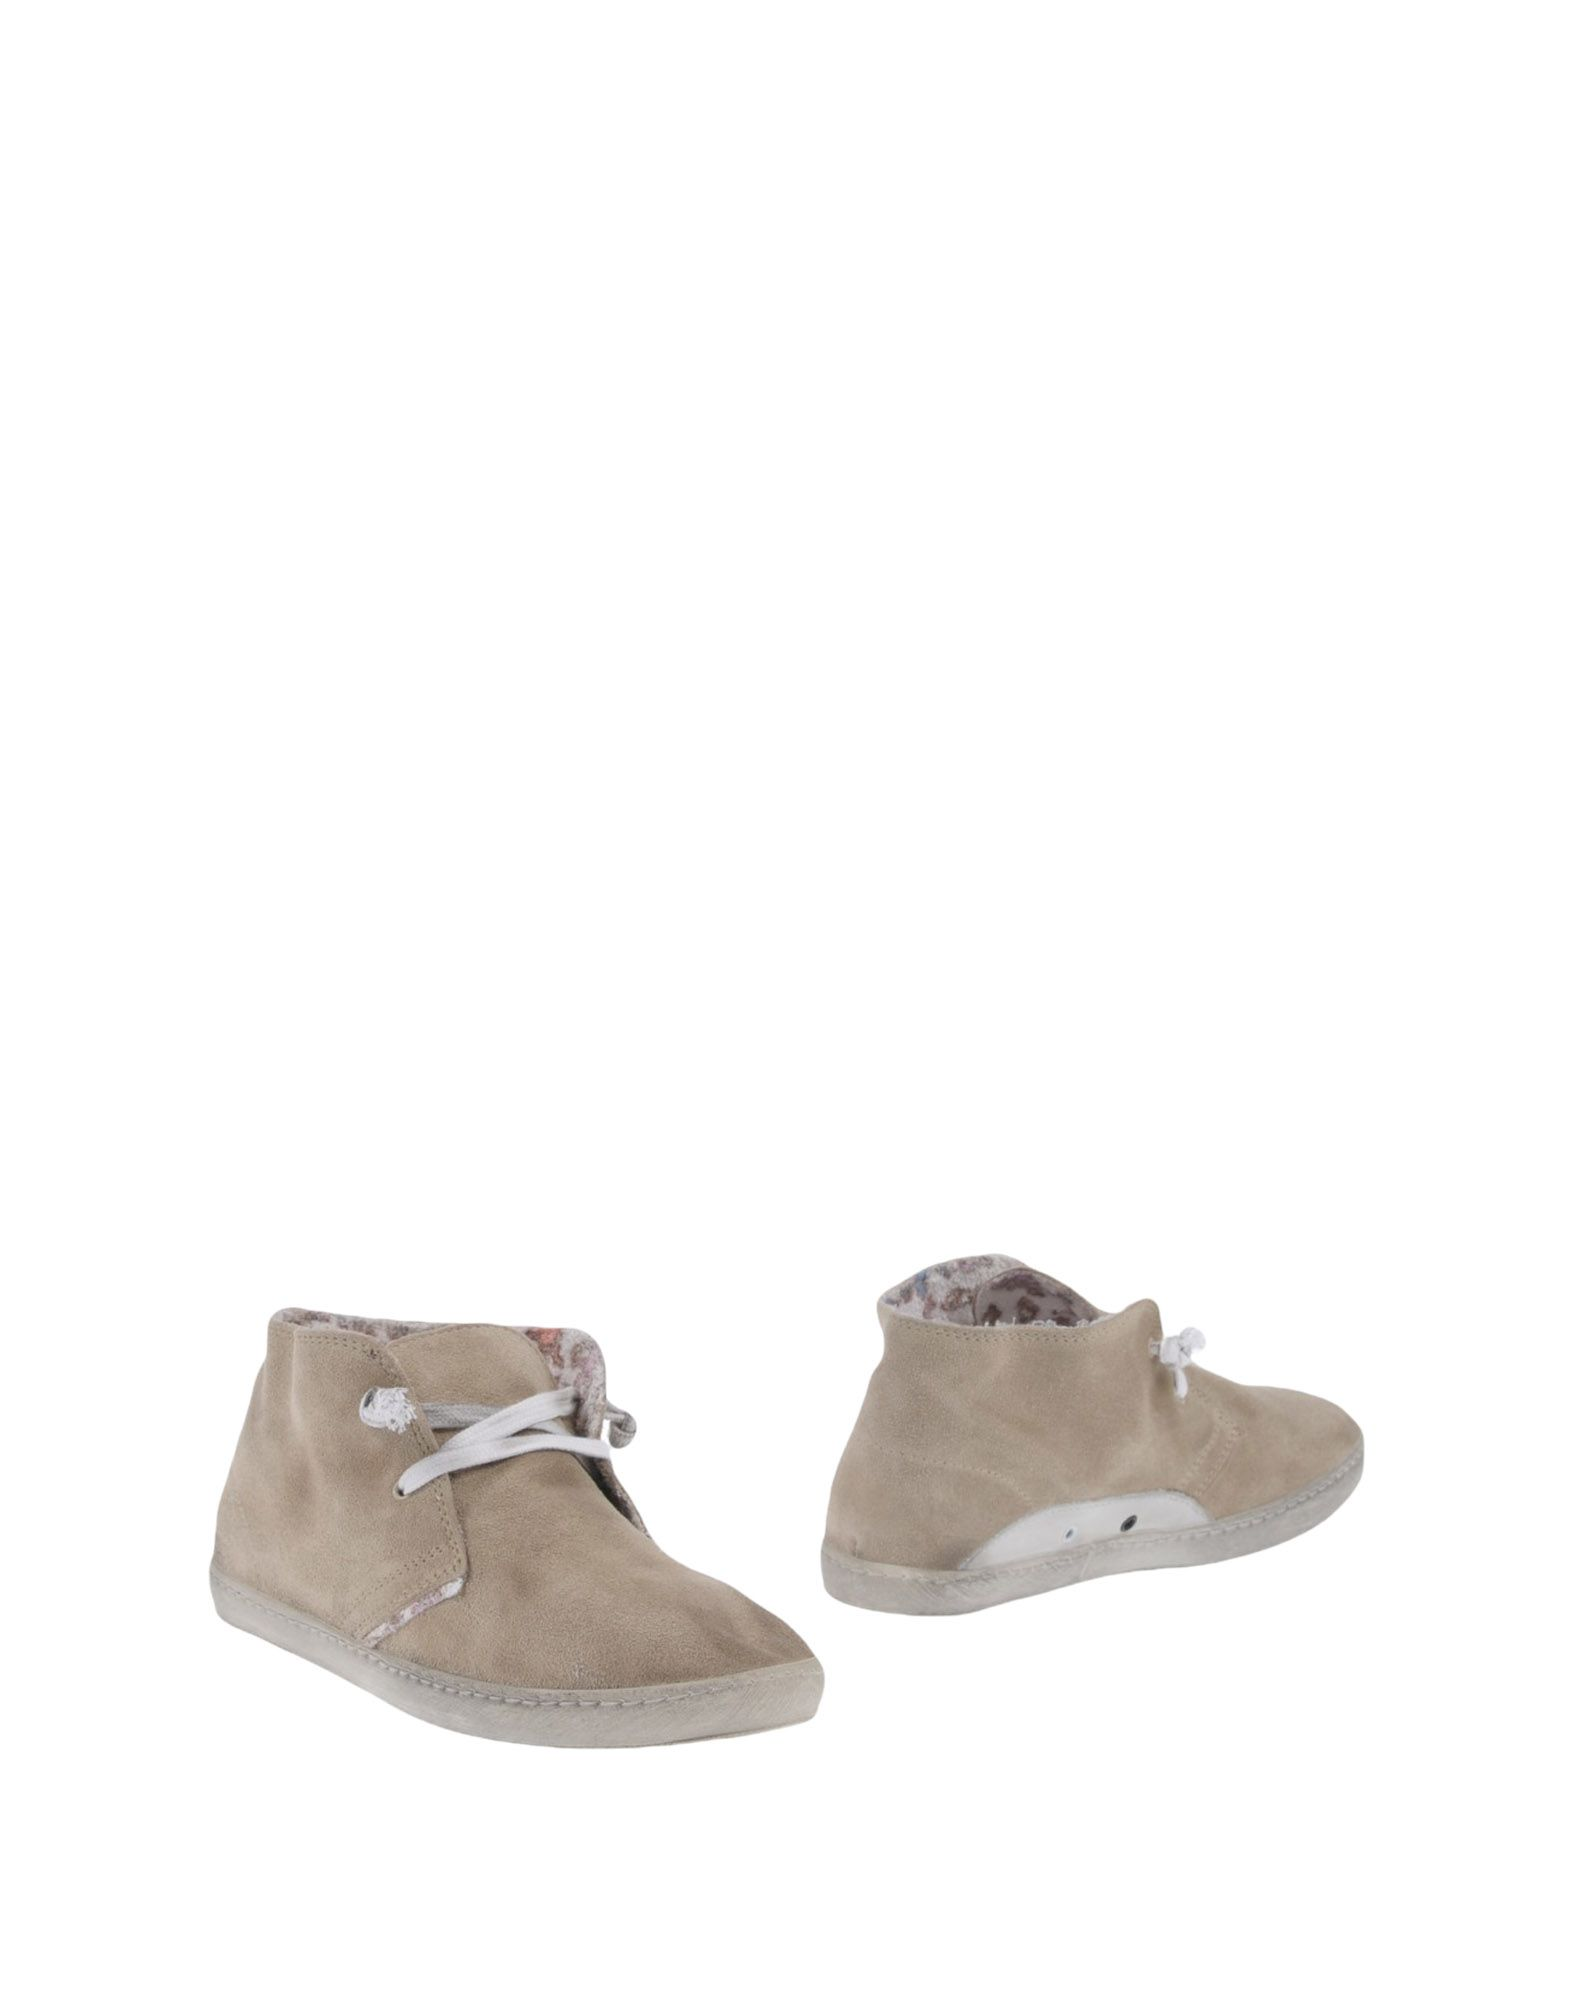 LE CROWN Полусапоги и высокие ботинки leather crown полусапоги и высокие ботинки